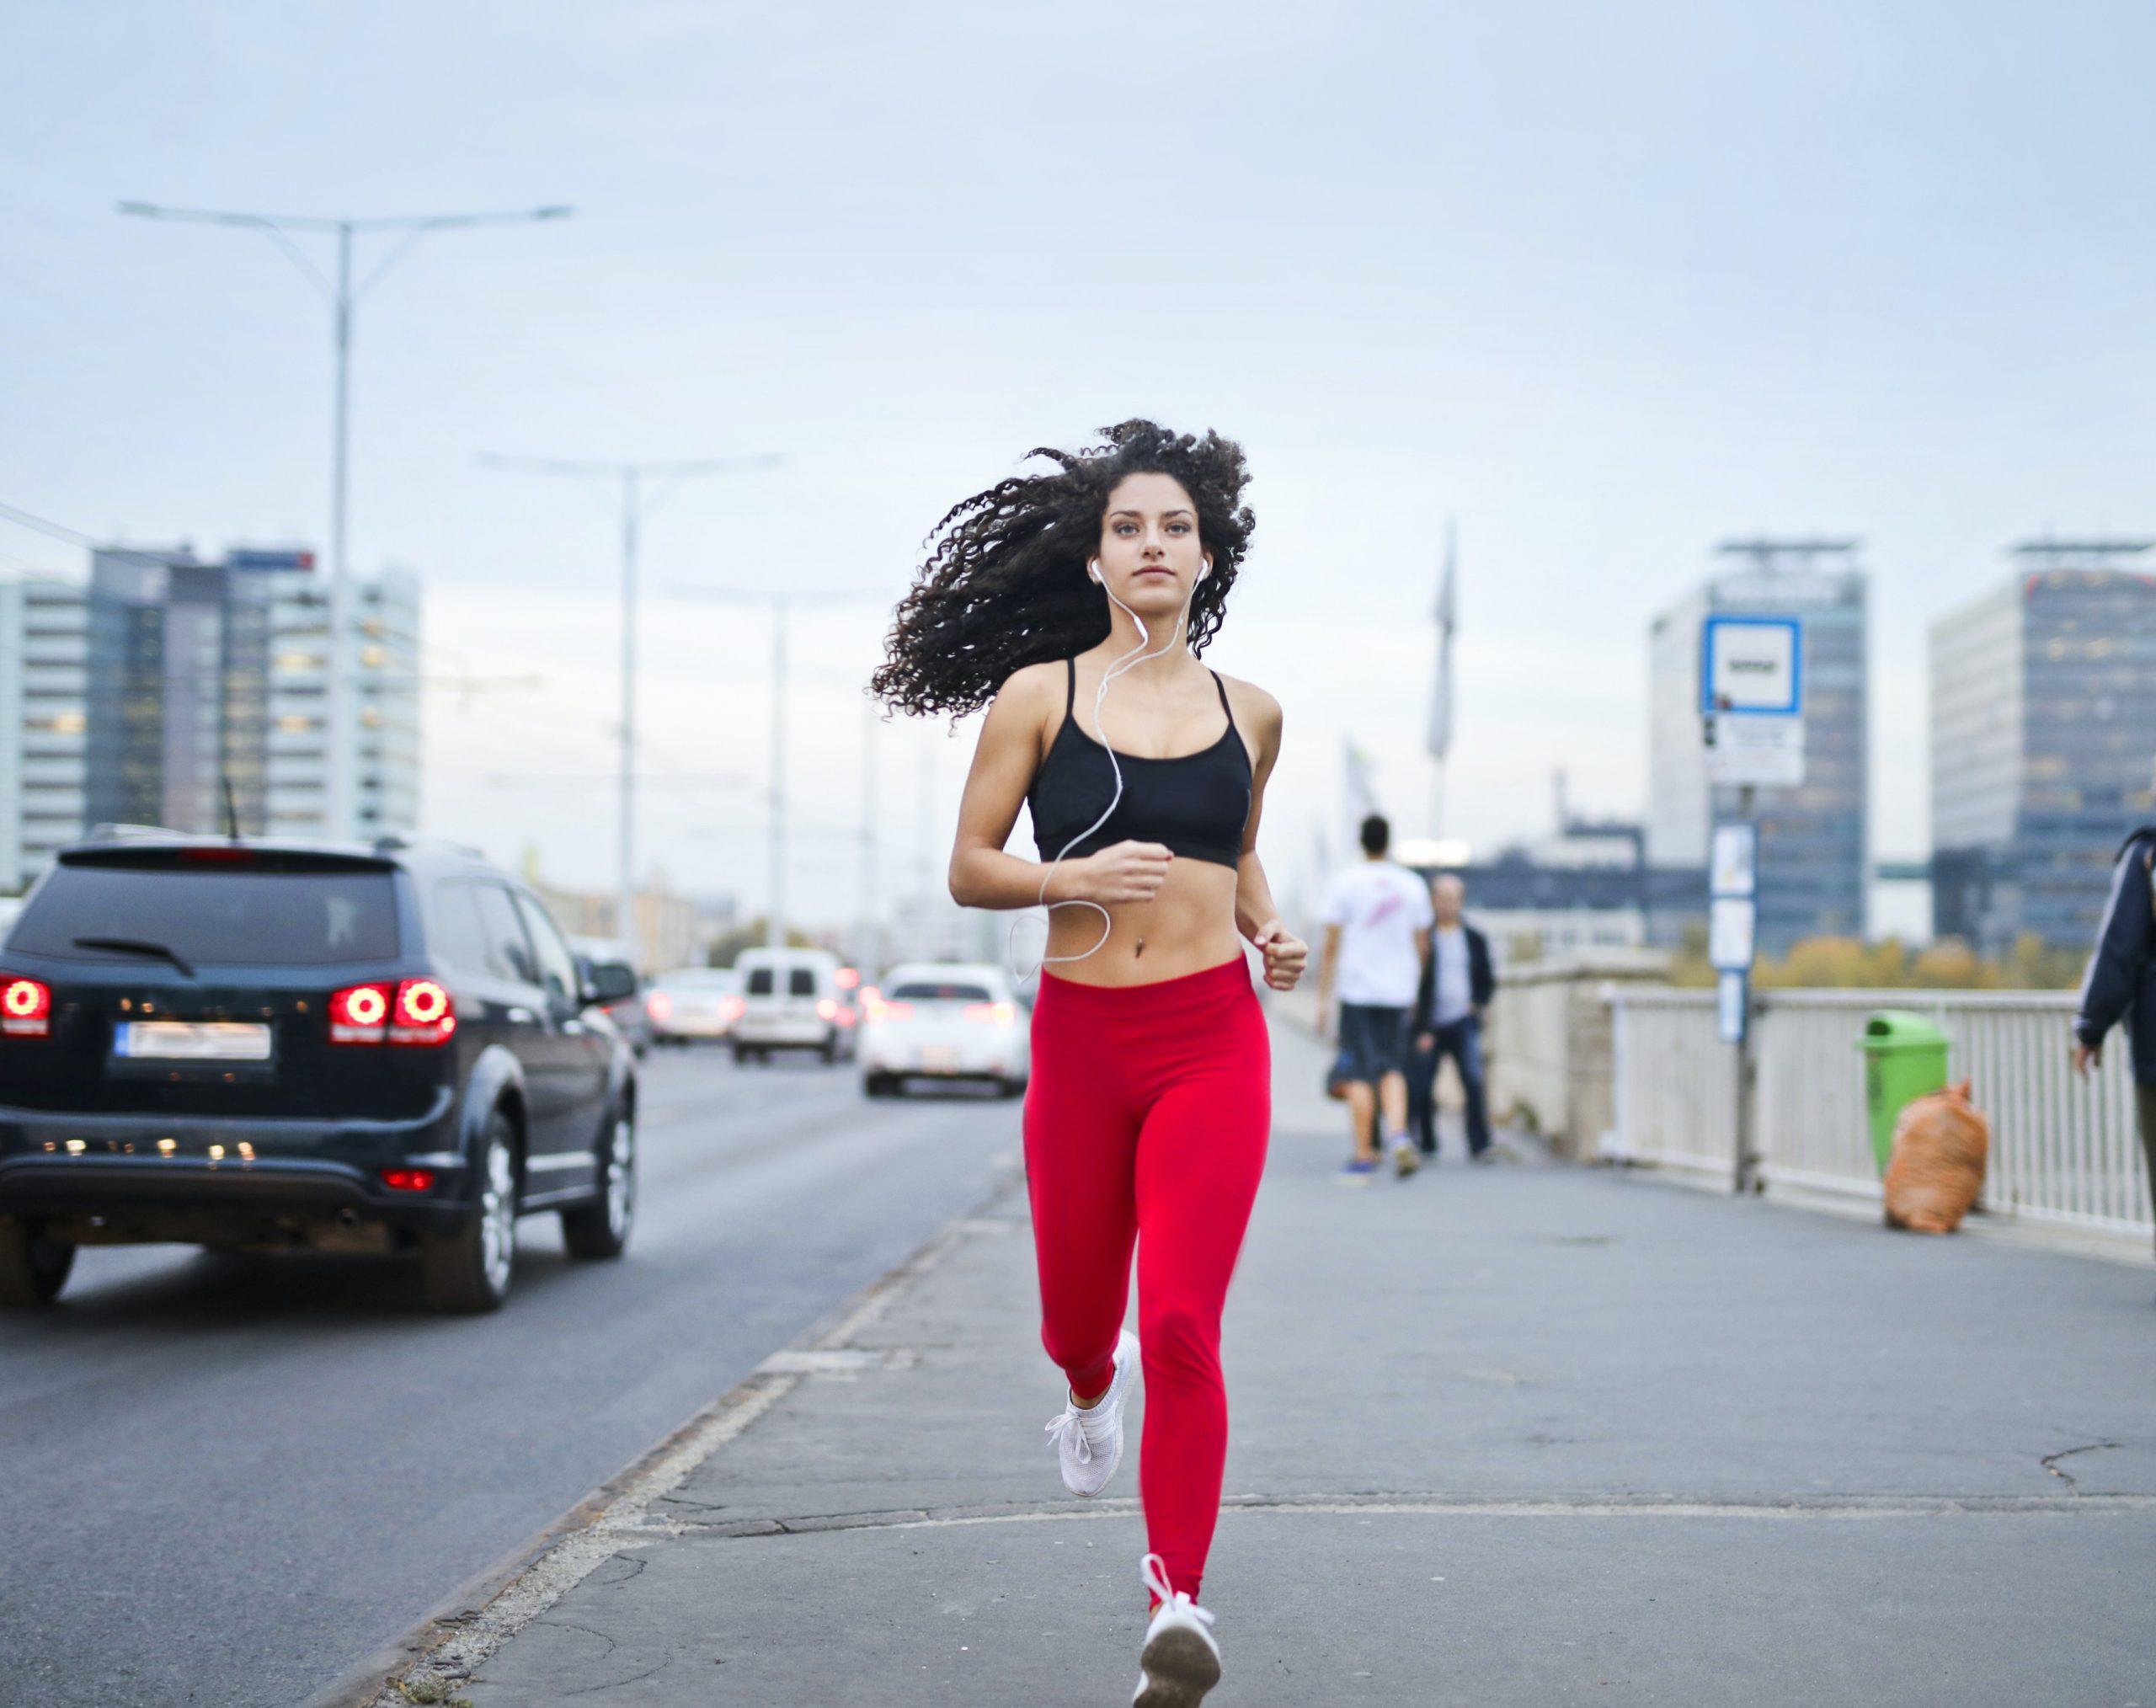 Mulher praticando exercício aeróbico